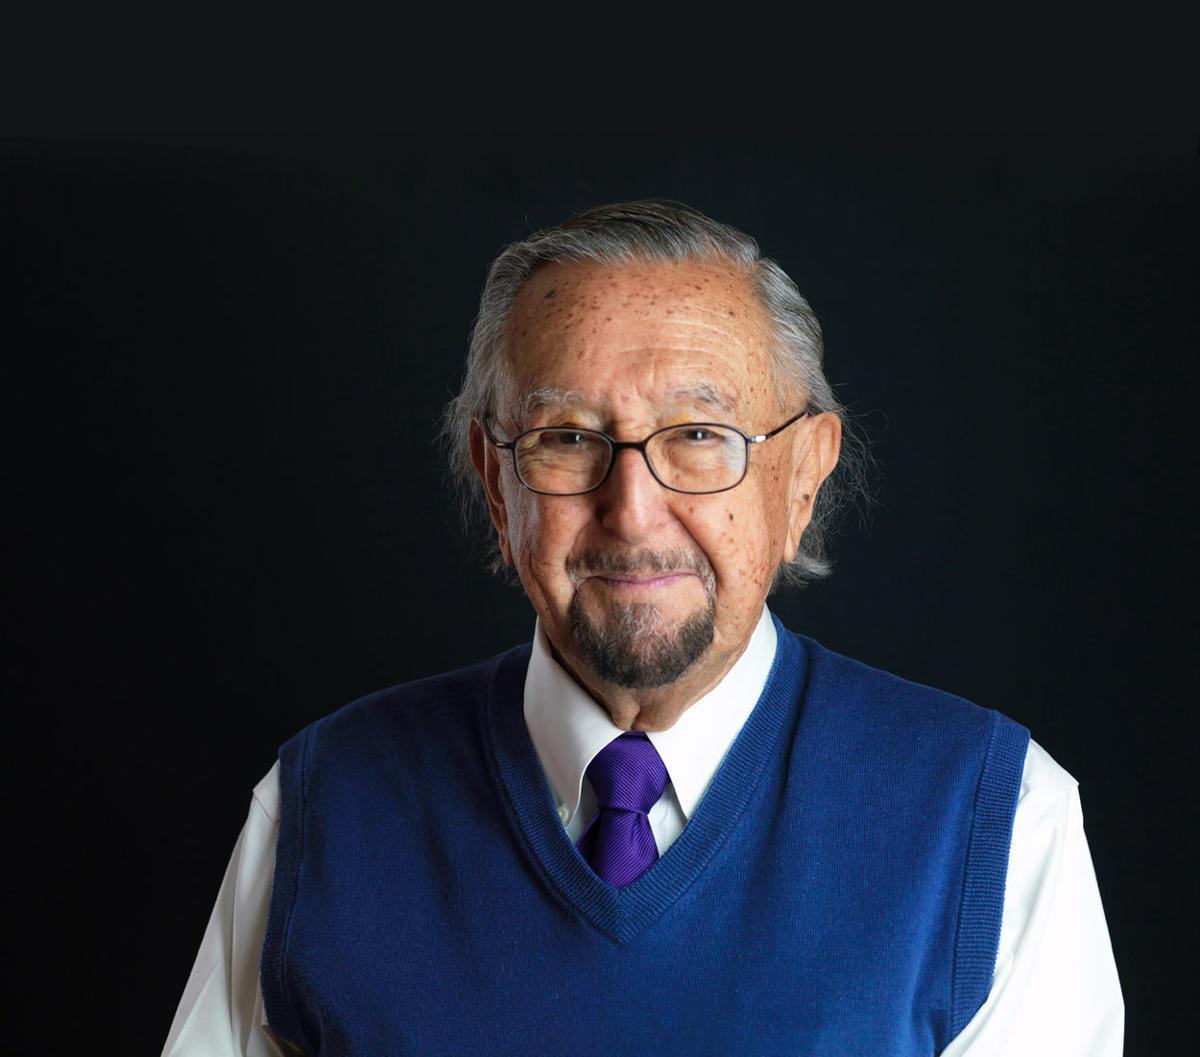 Architect Cesar Pelli